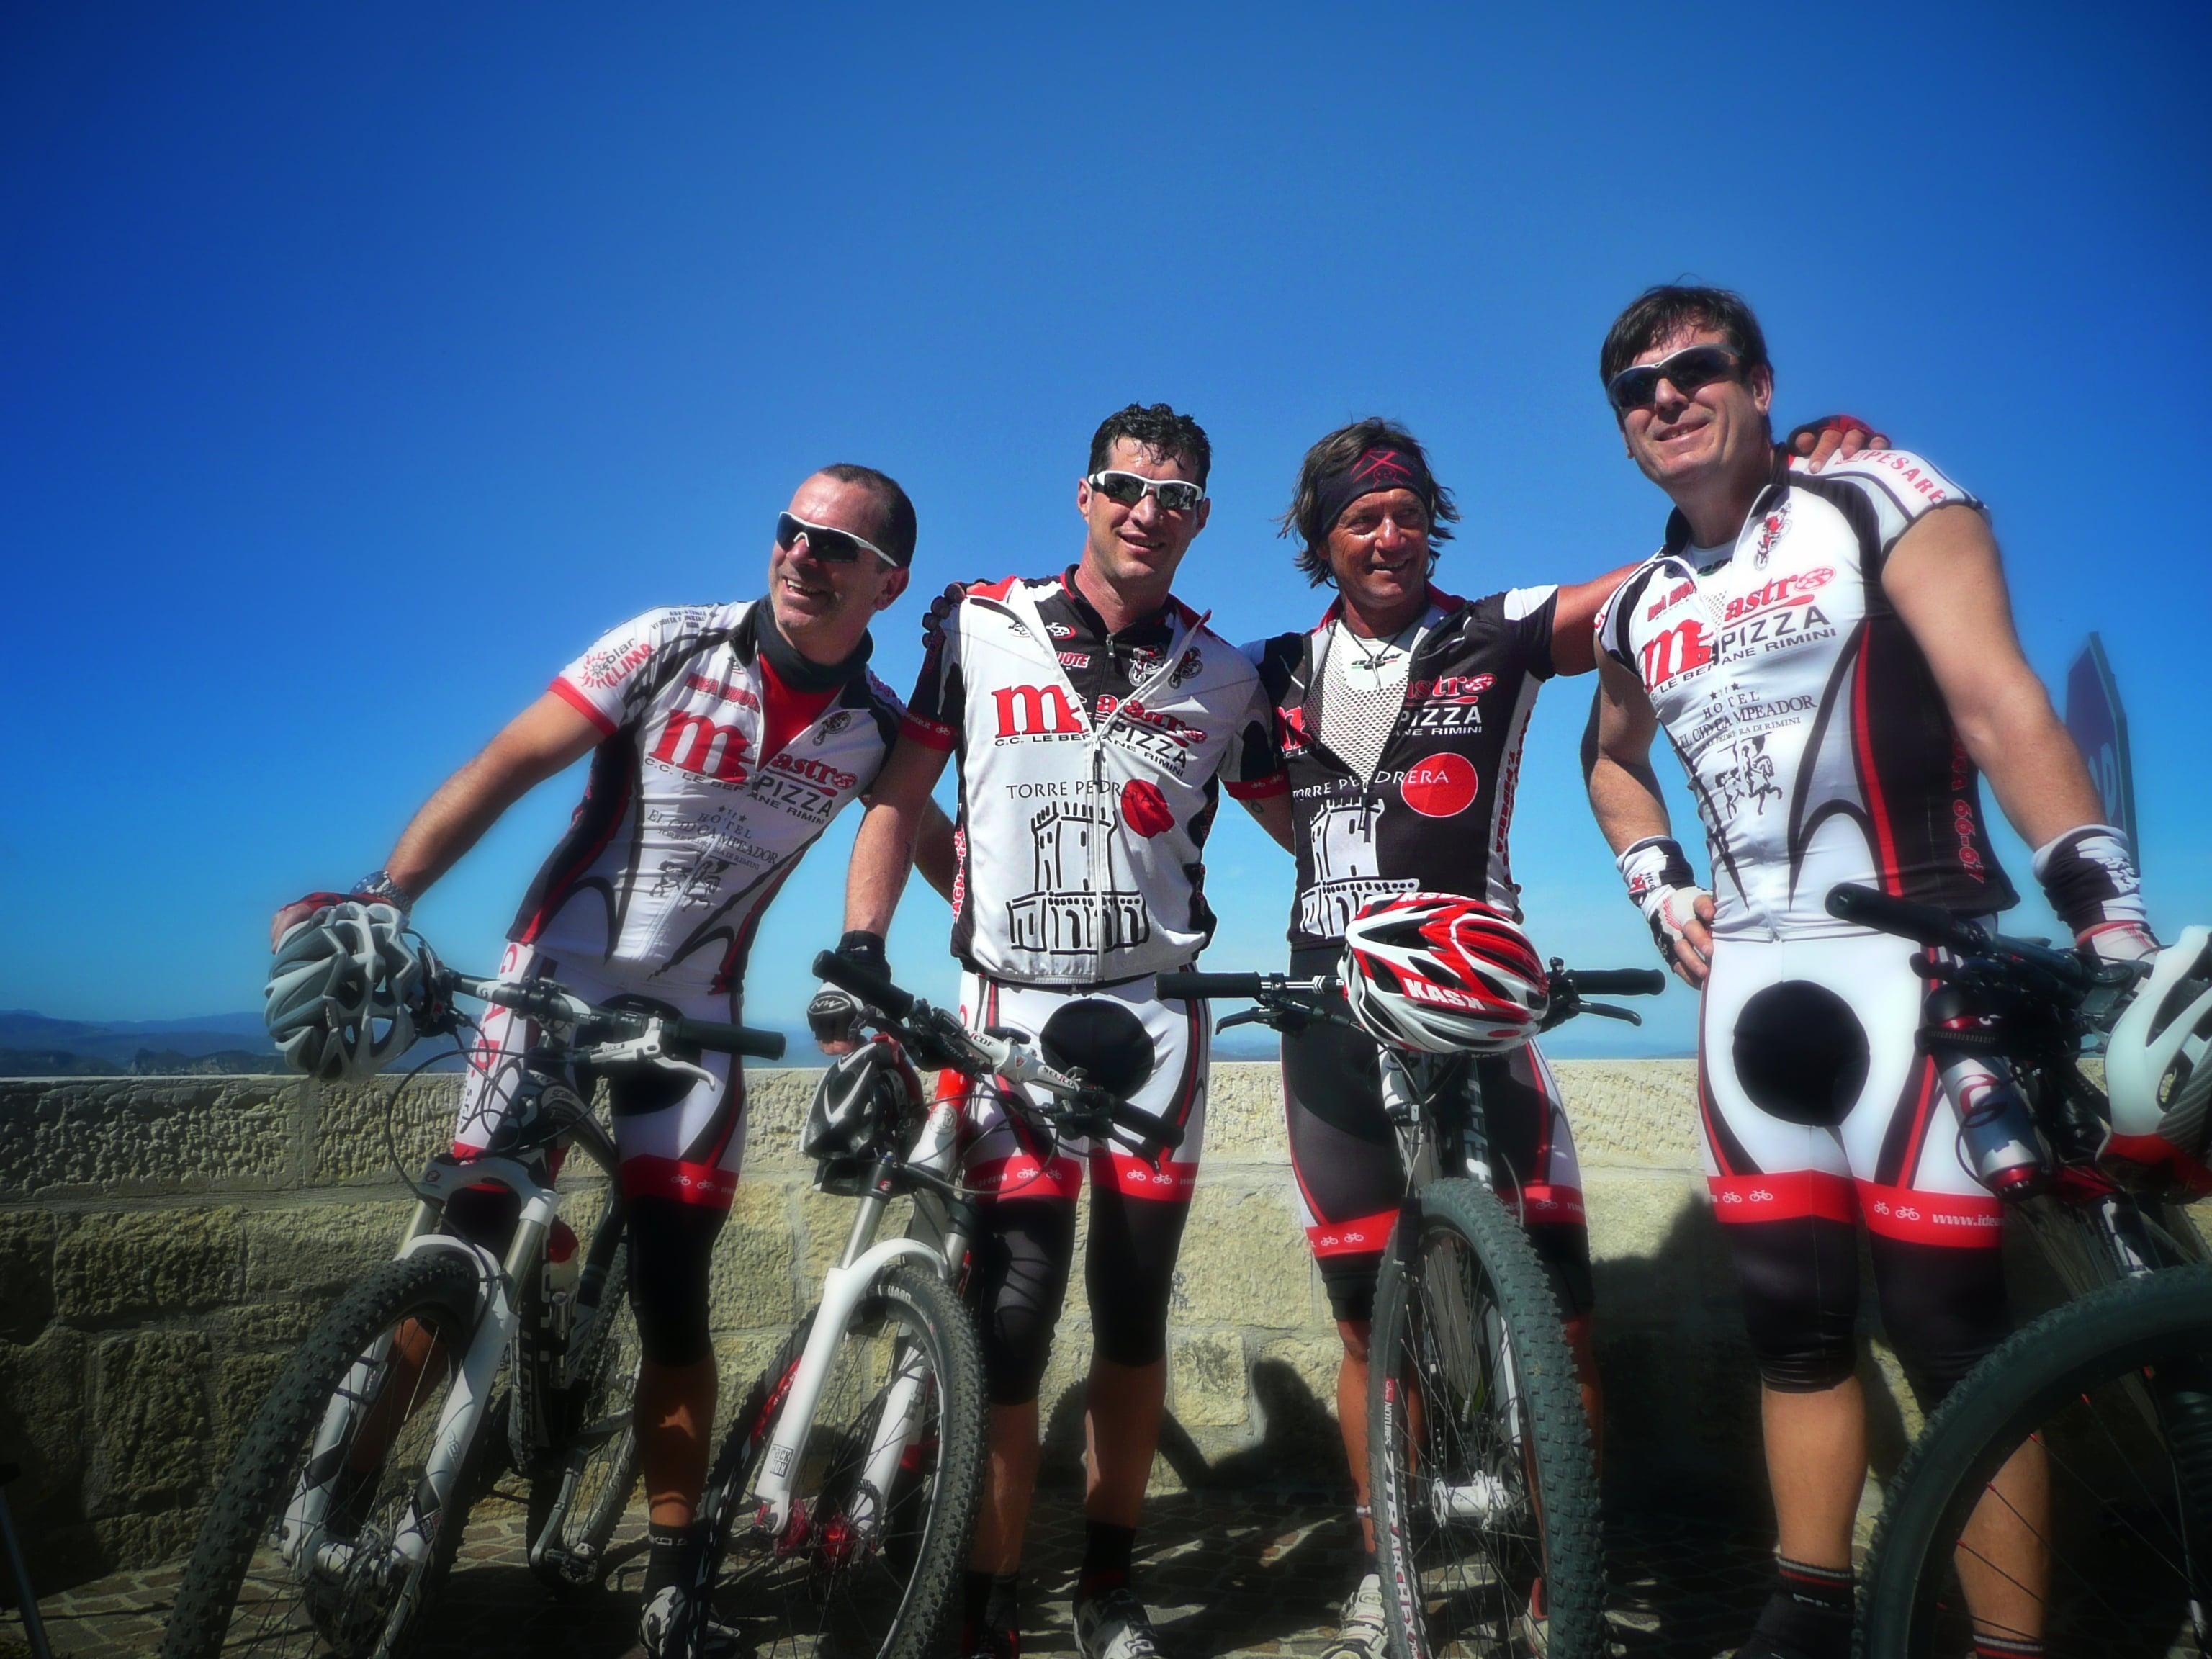 Luca, zweiter von rechts, und Top Bikers Rimini. Style & Bike